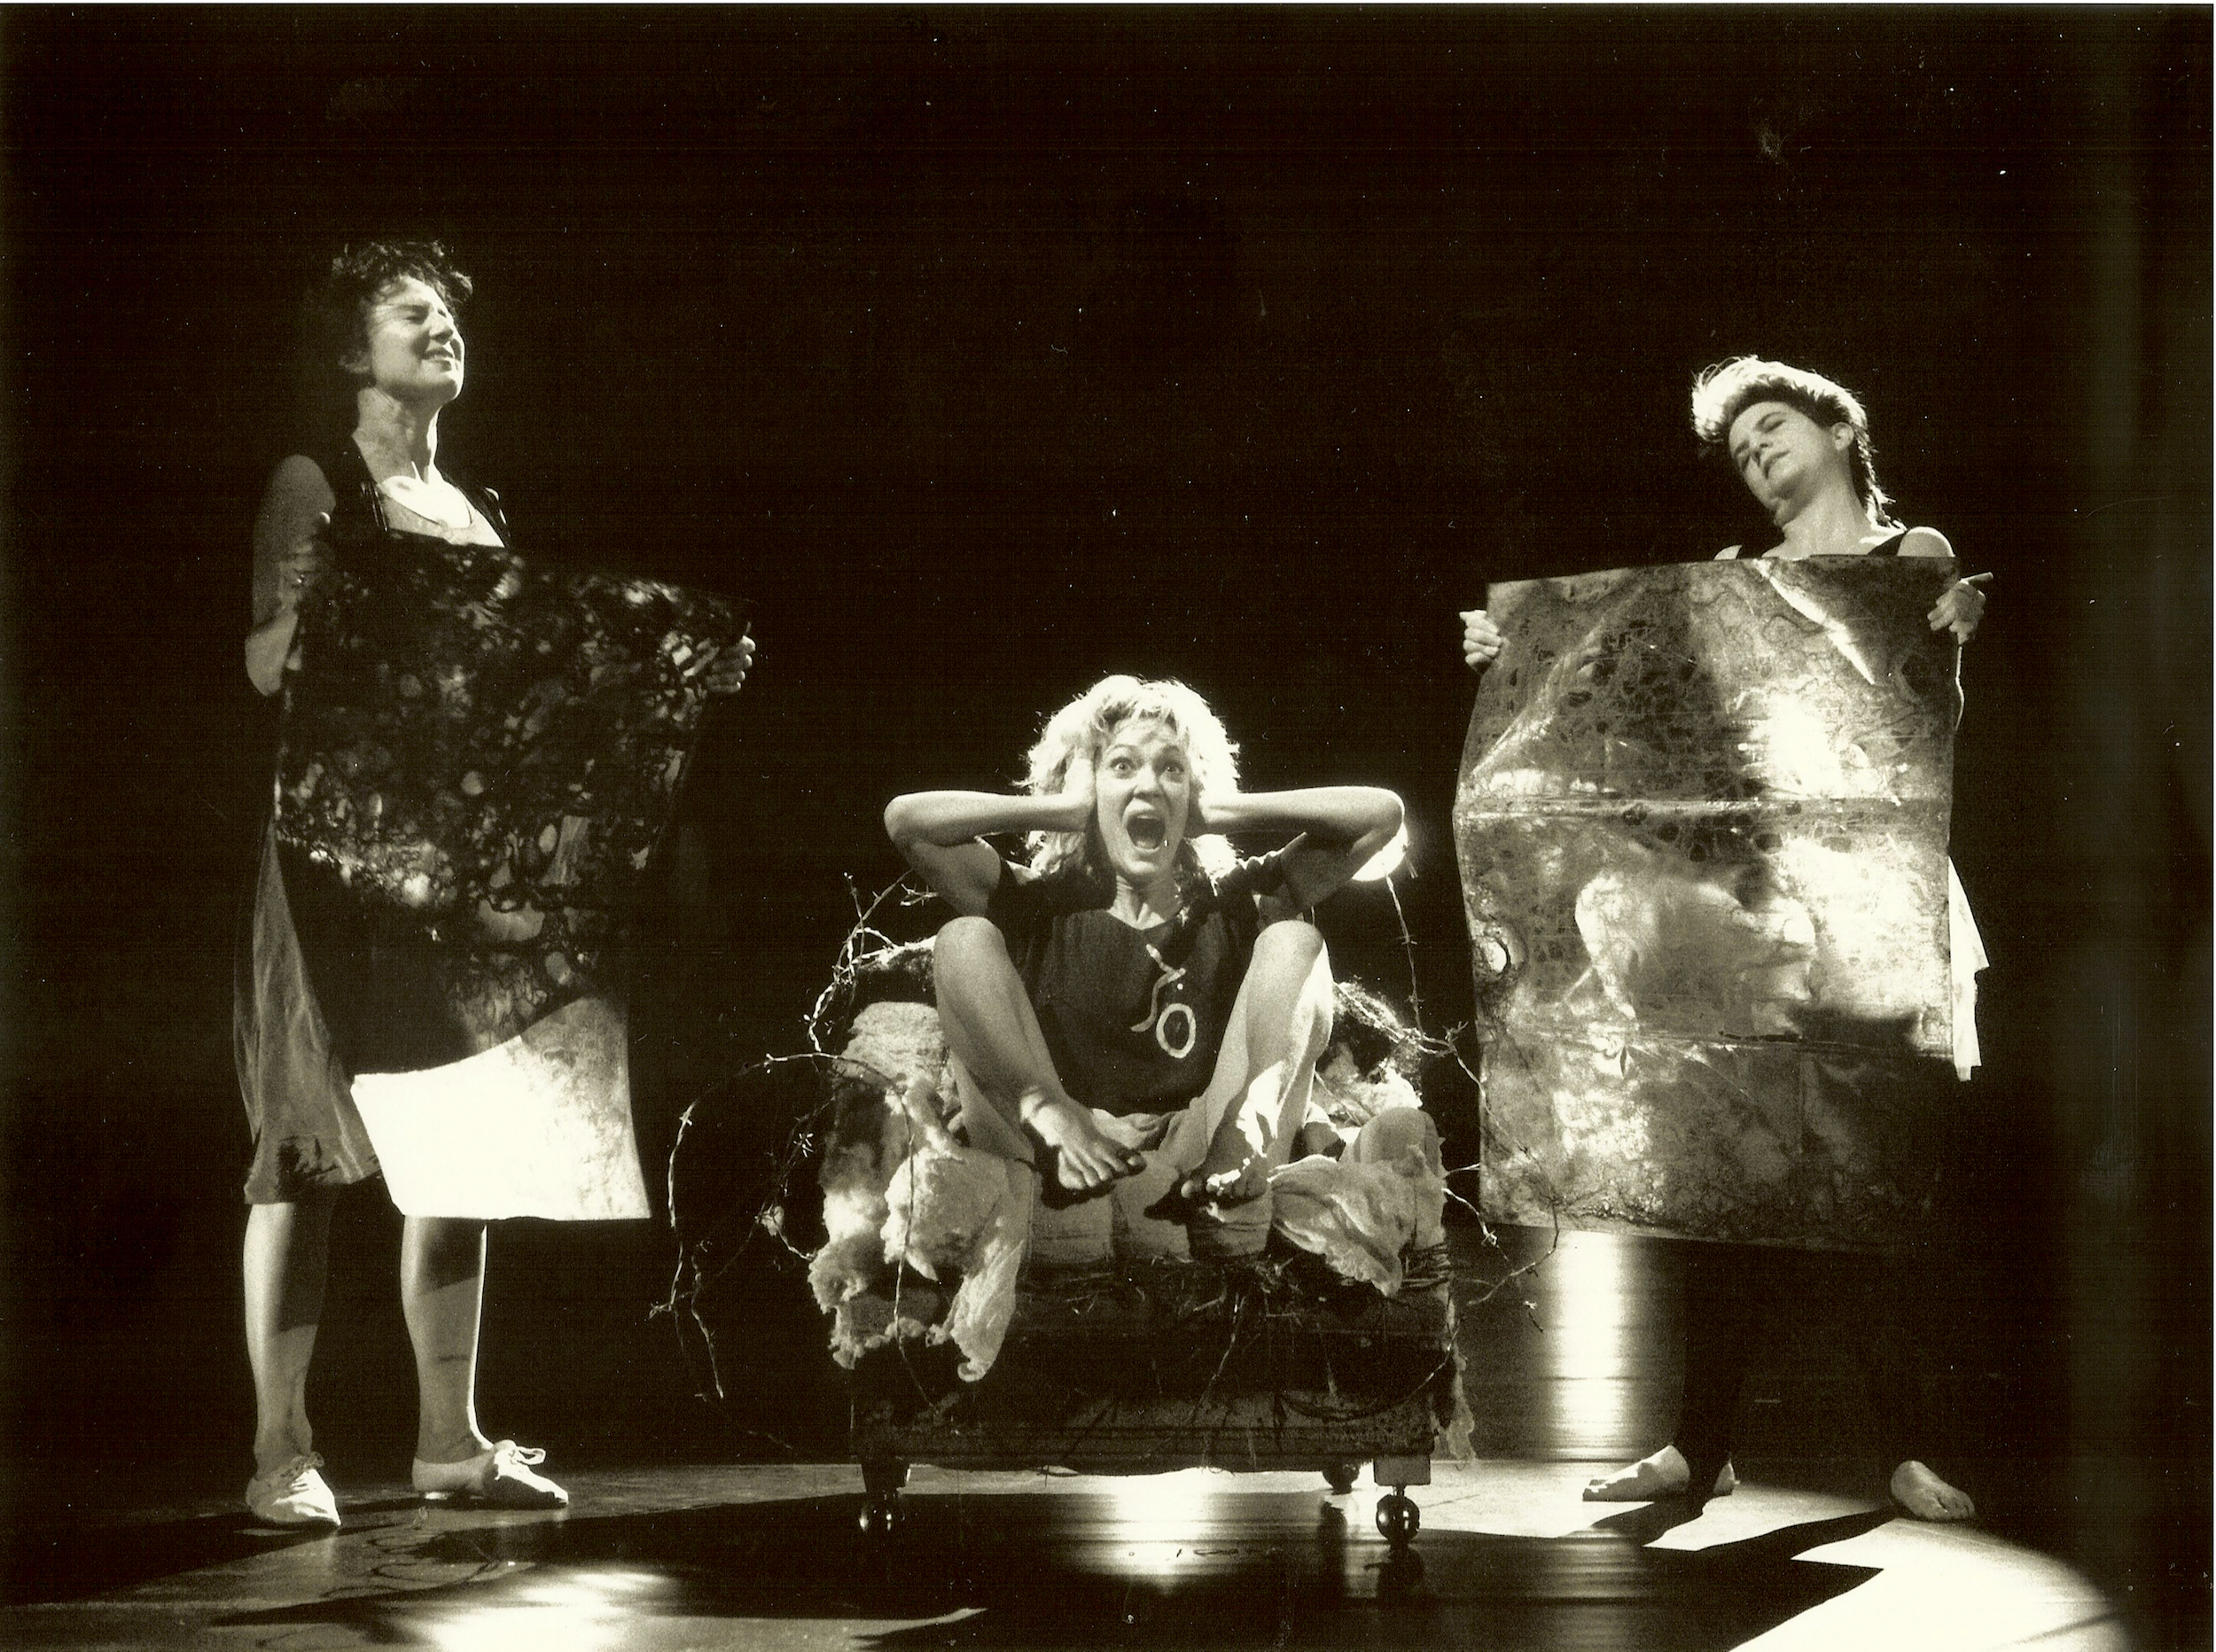 Sara, Brenda, Nina (1988). Marty Sohl.